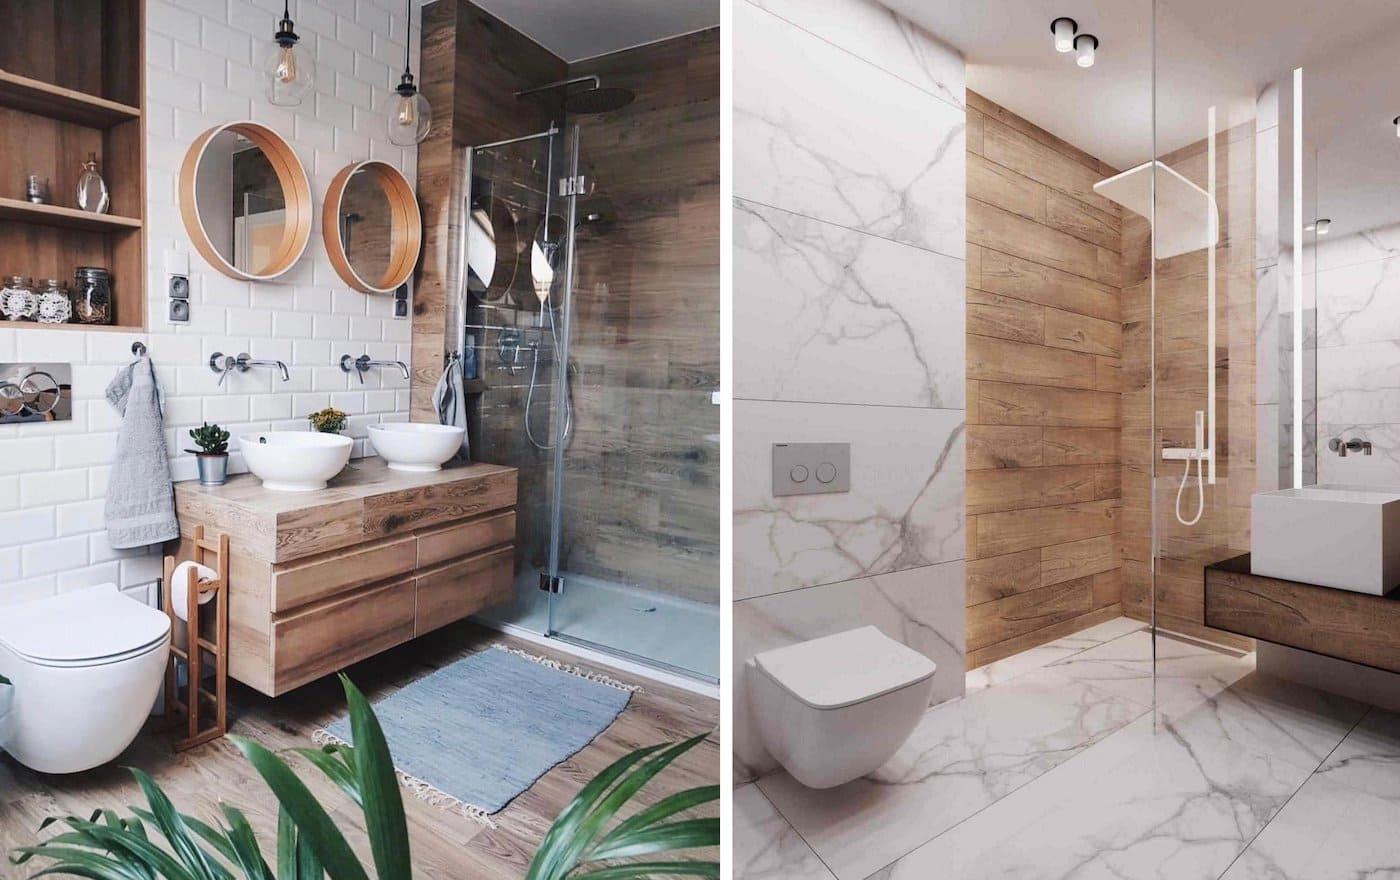 дизайн интерьера ванной комнаты фото 33